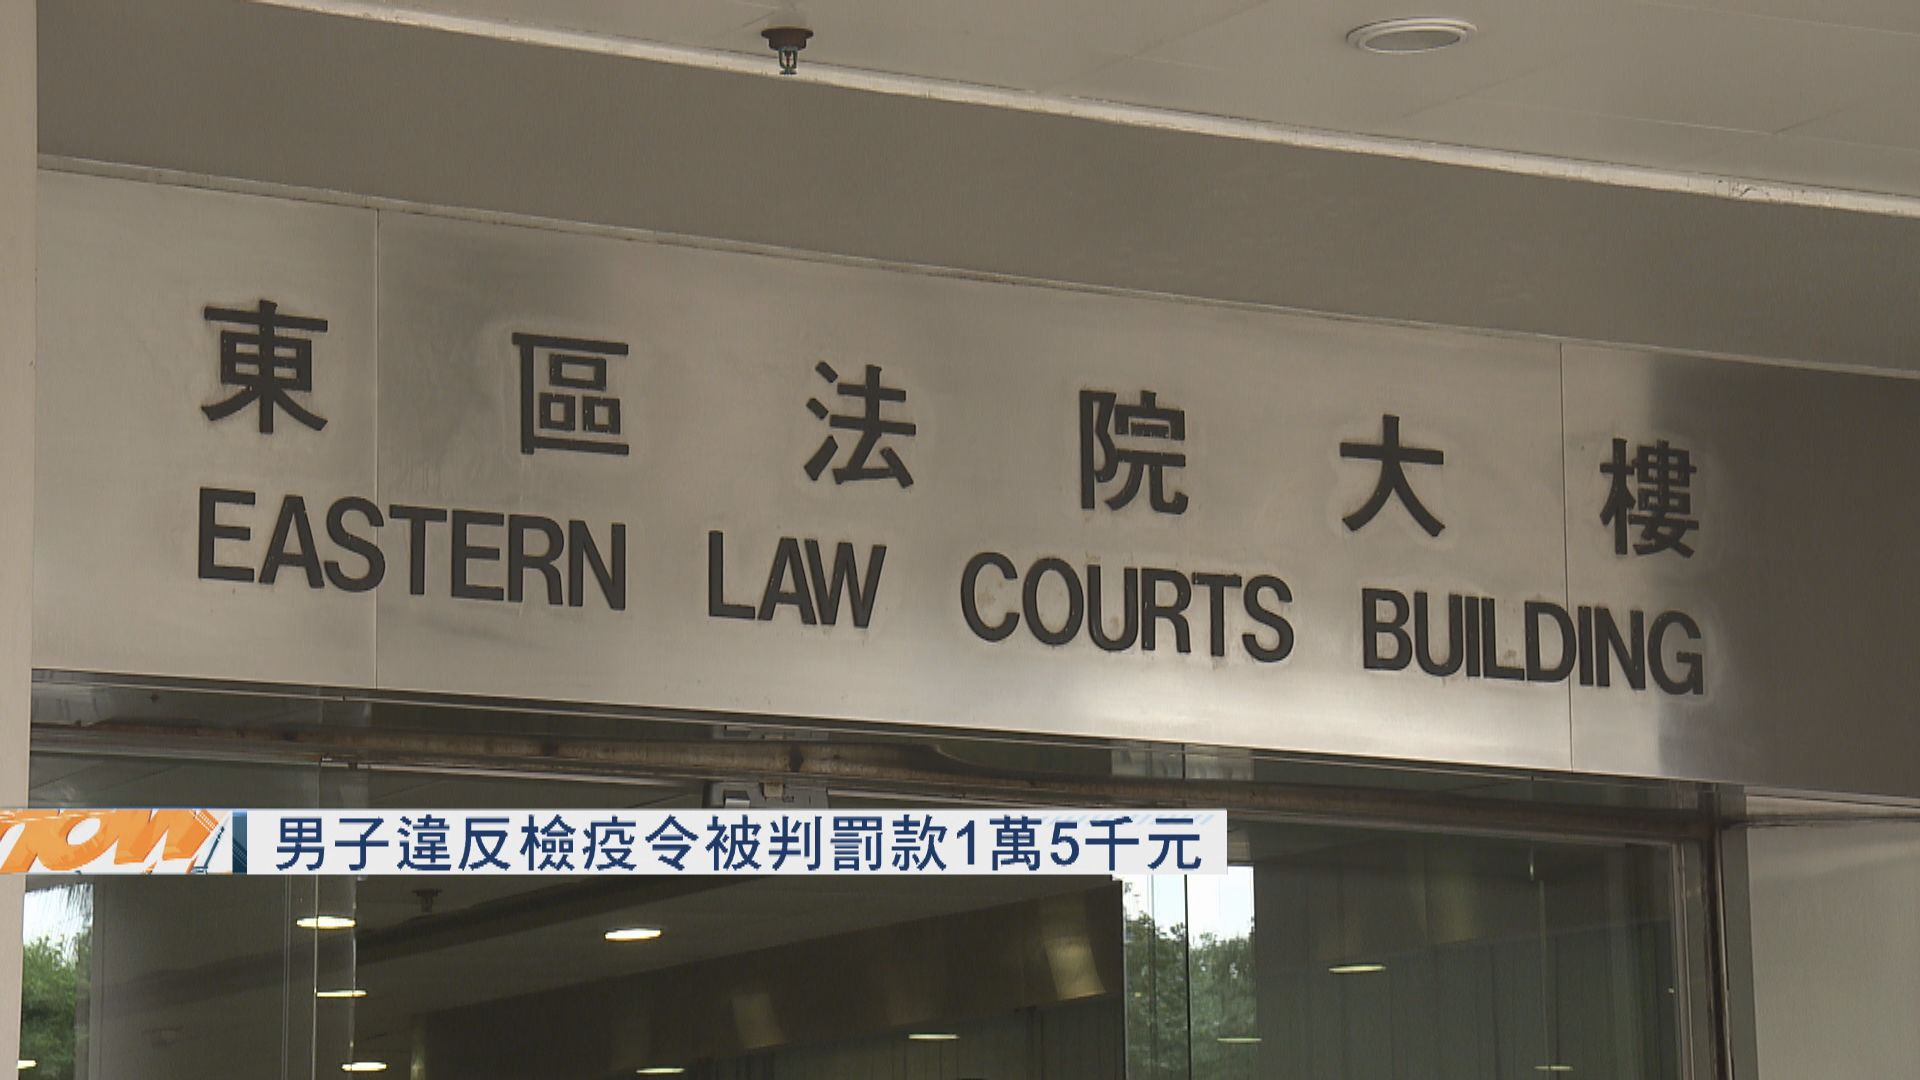 男子違反檢疫令 被判罰款1萬5千元